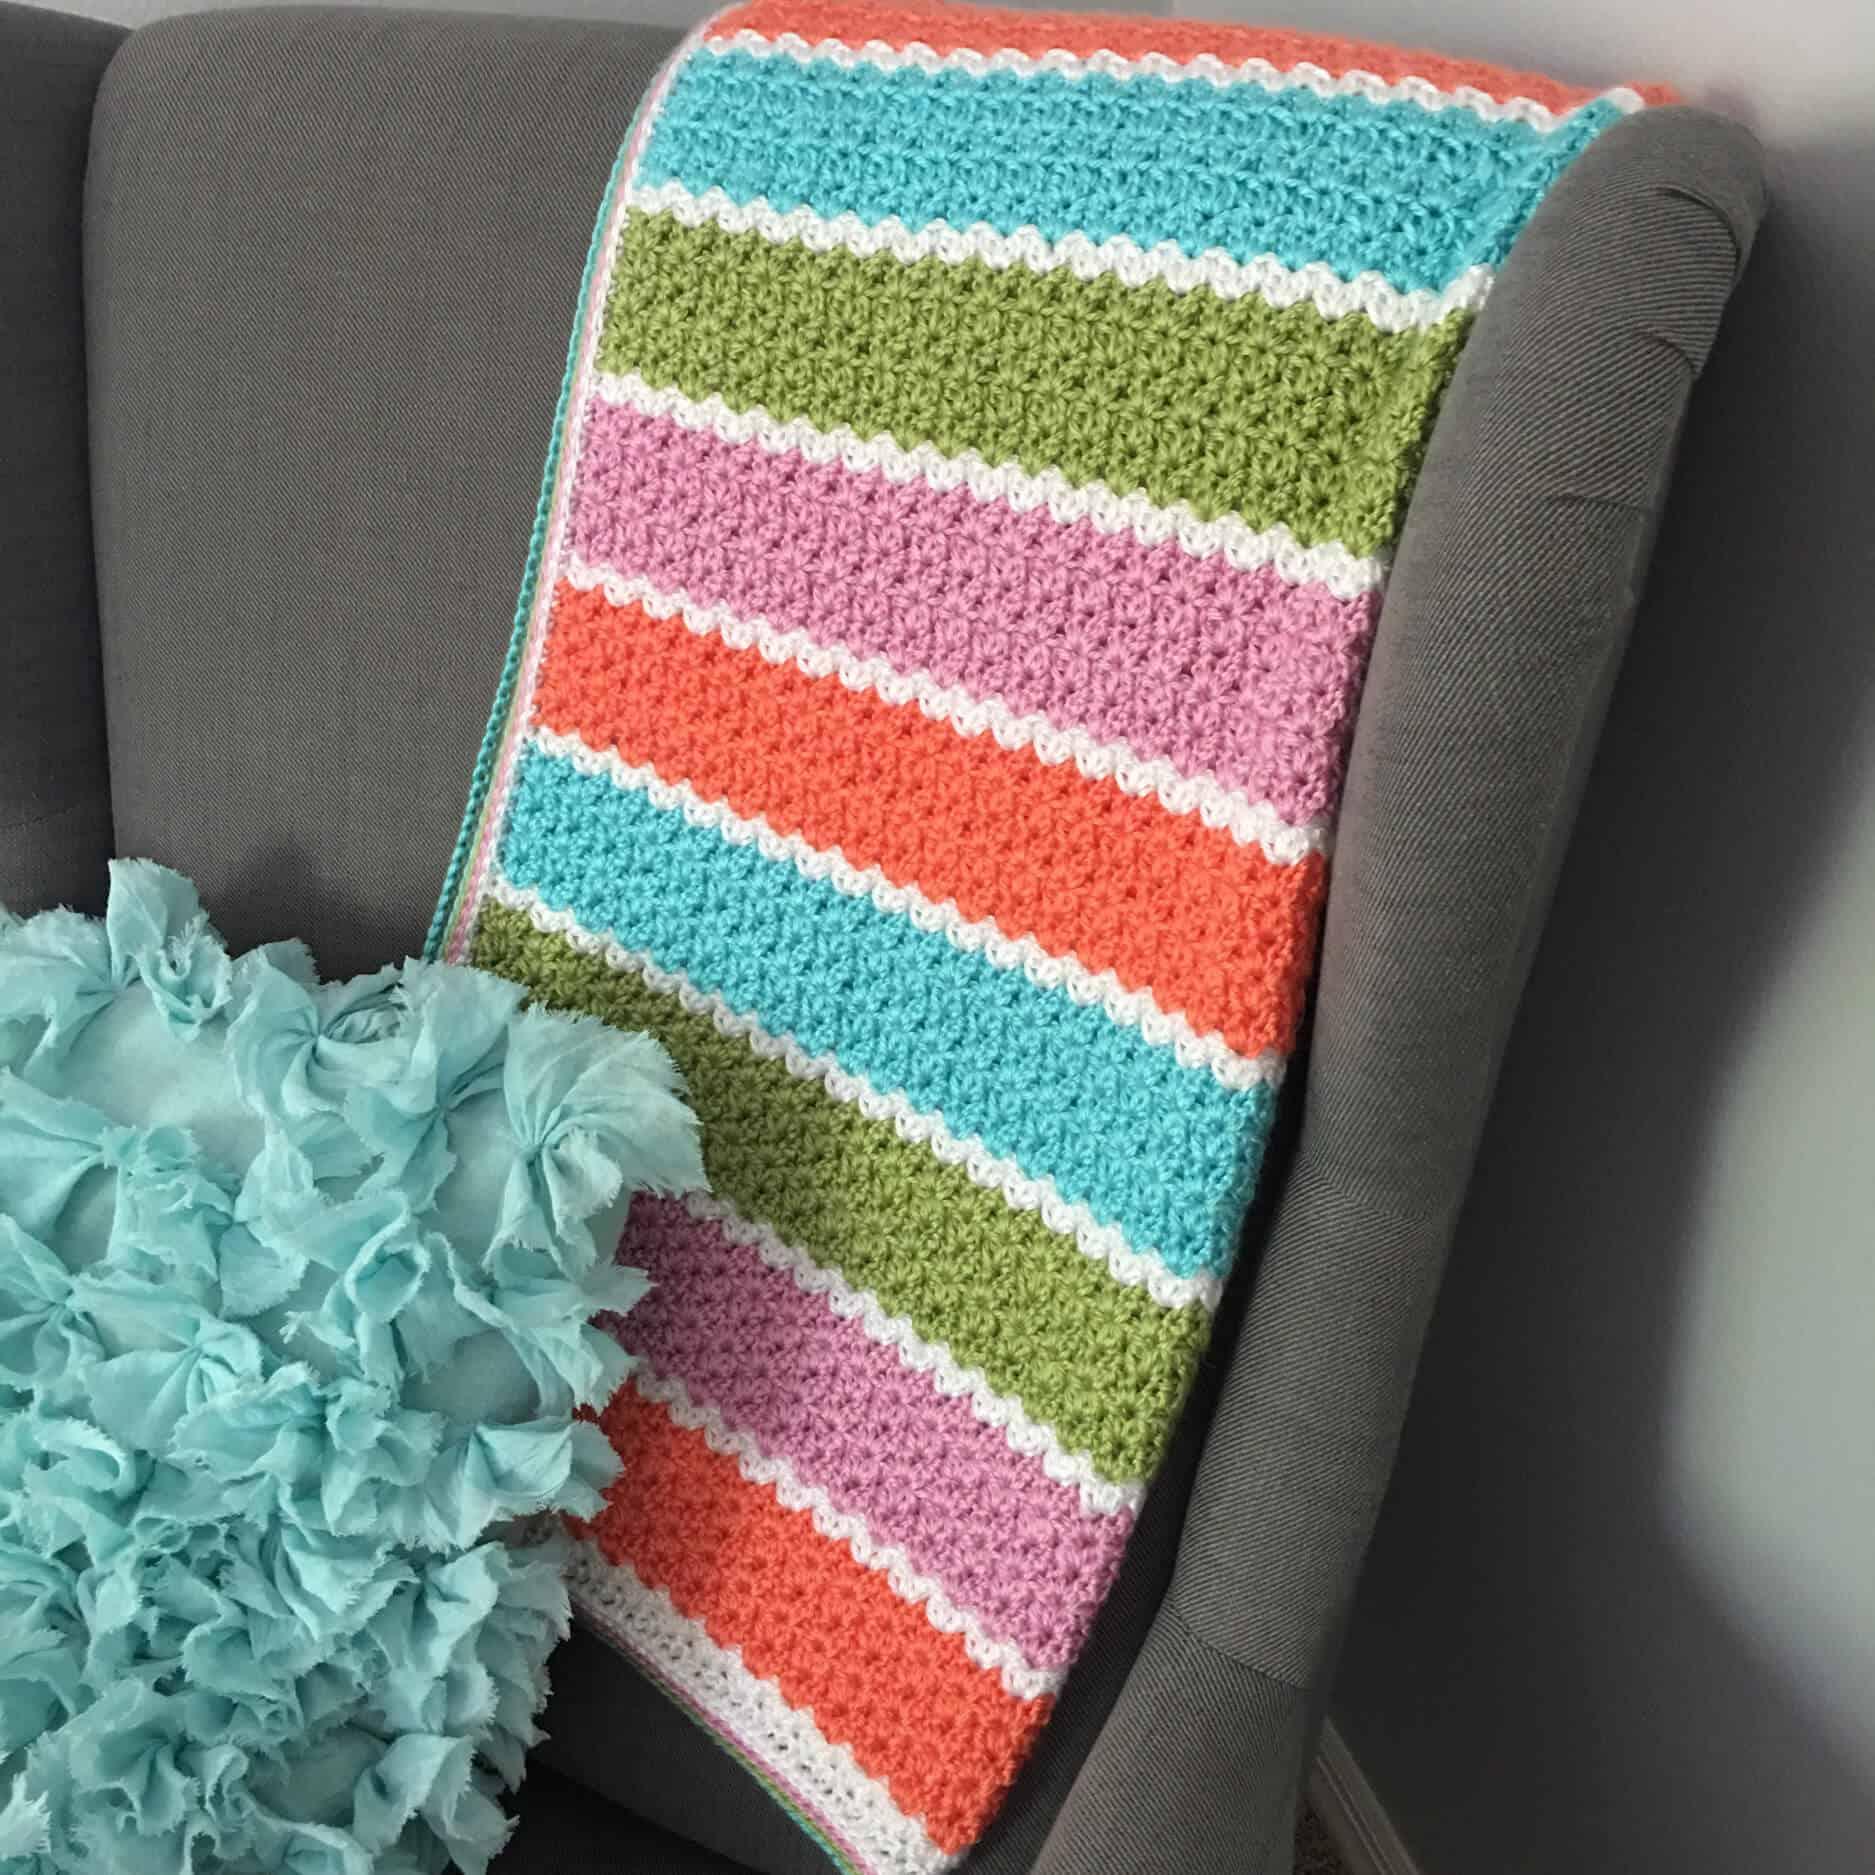 V Stitch Crochet Blanket Free Pattern